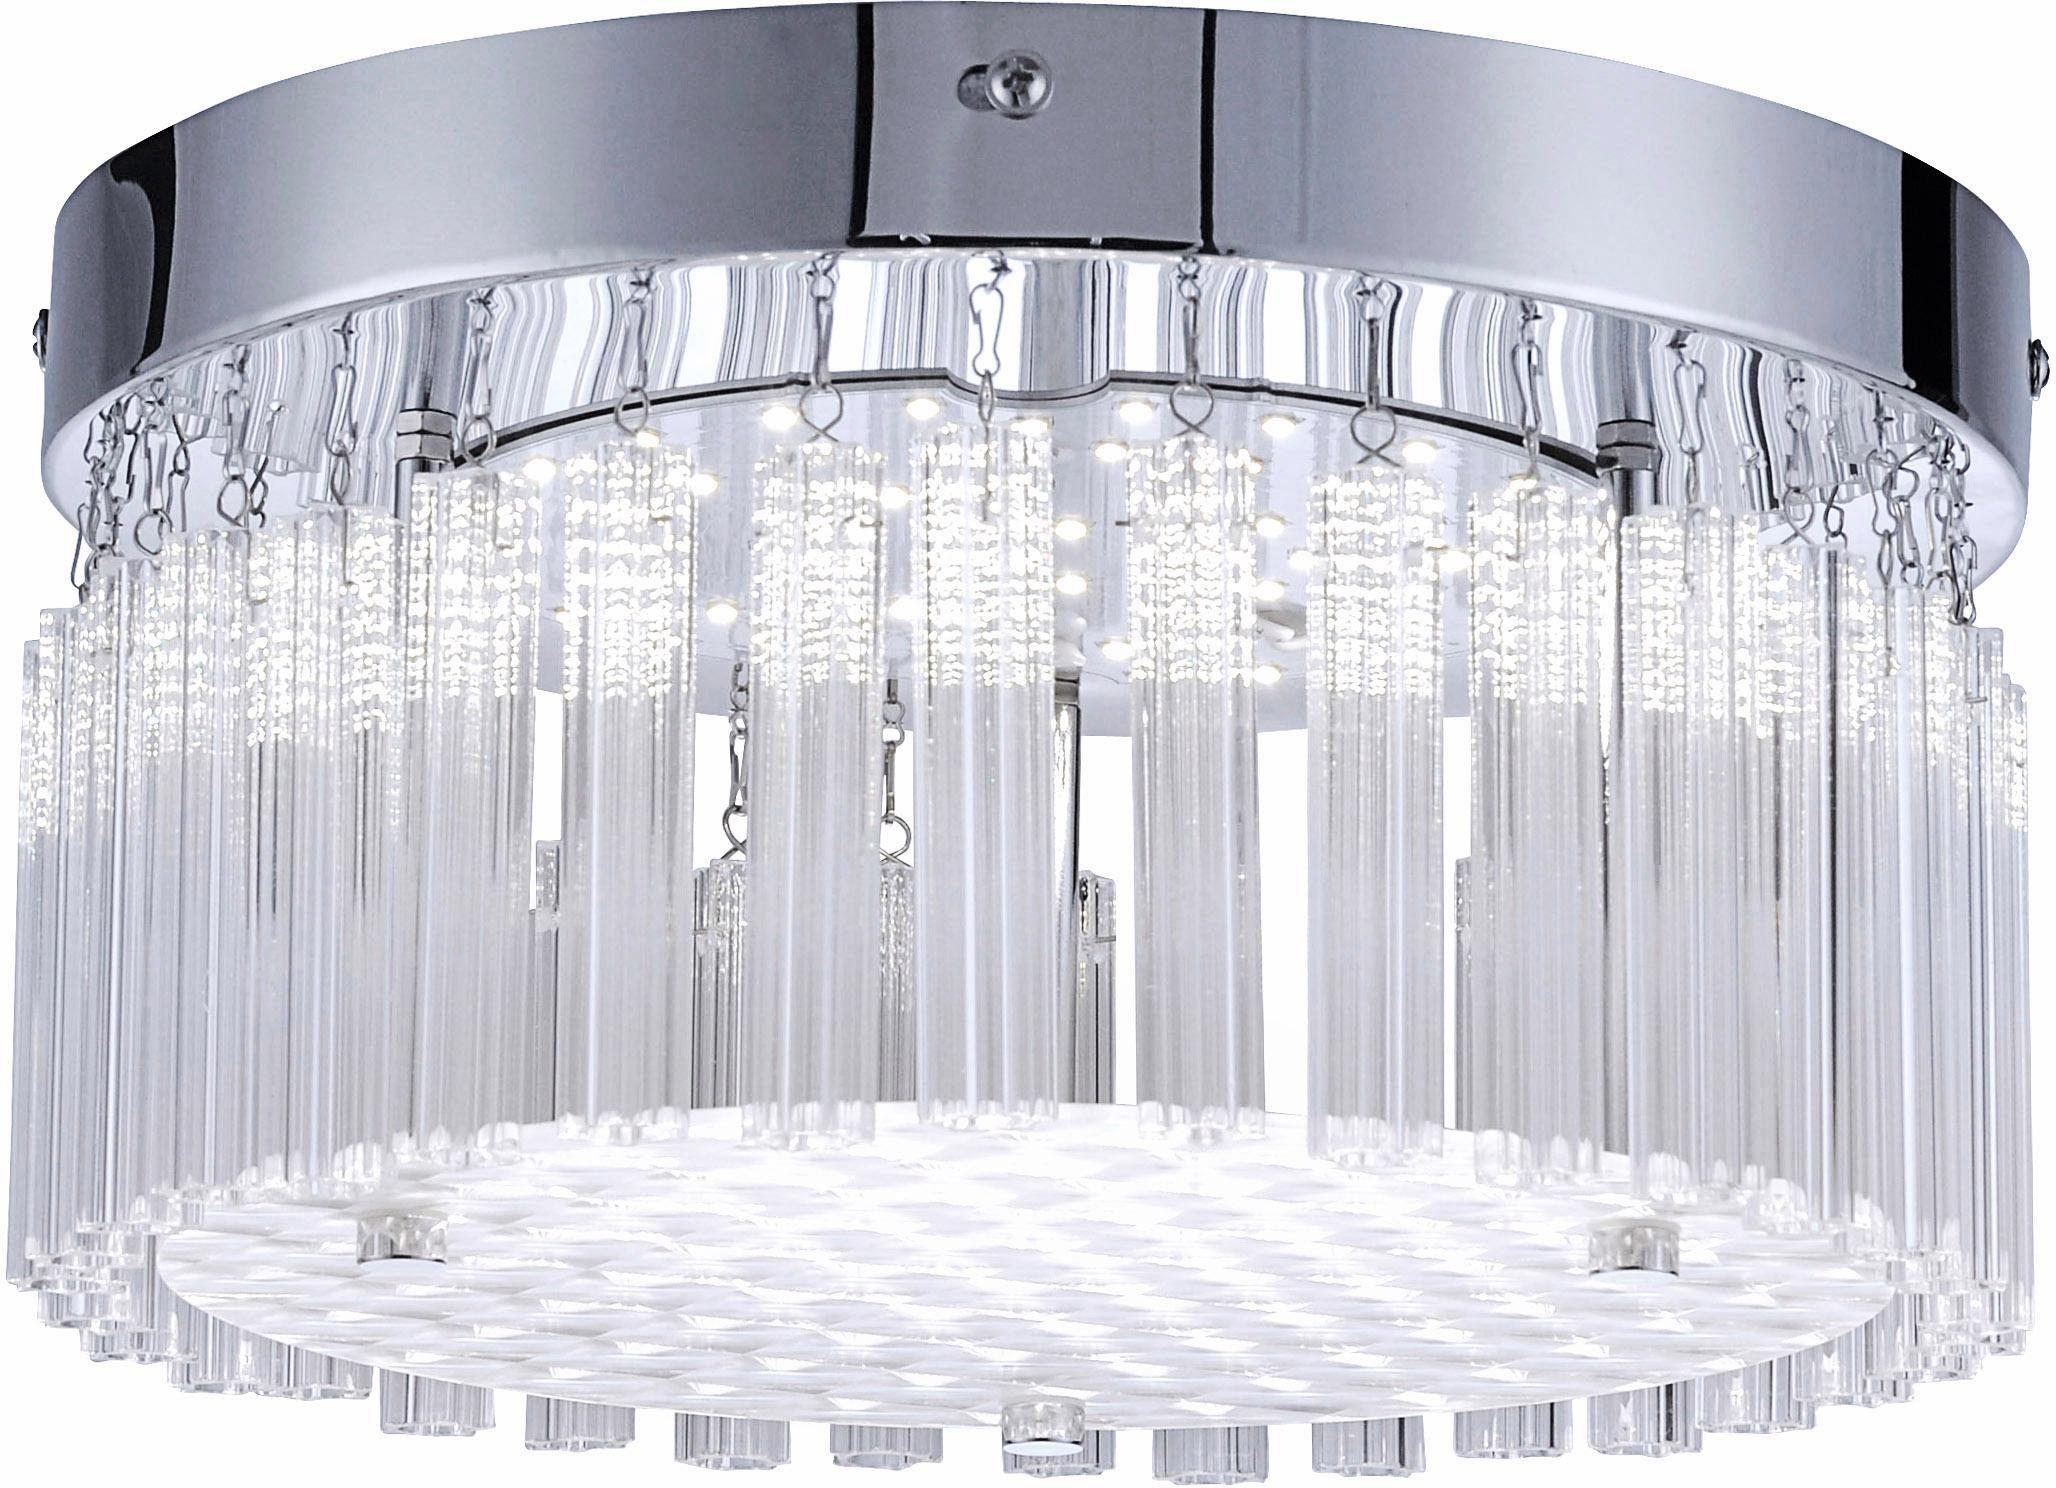 Leuchten Direkt LED Deckenleuchte »LEA«, Mit Acrylglasanhängern online kaufen | OTTO